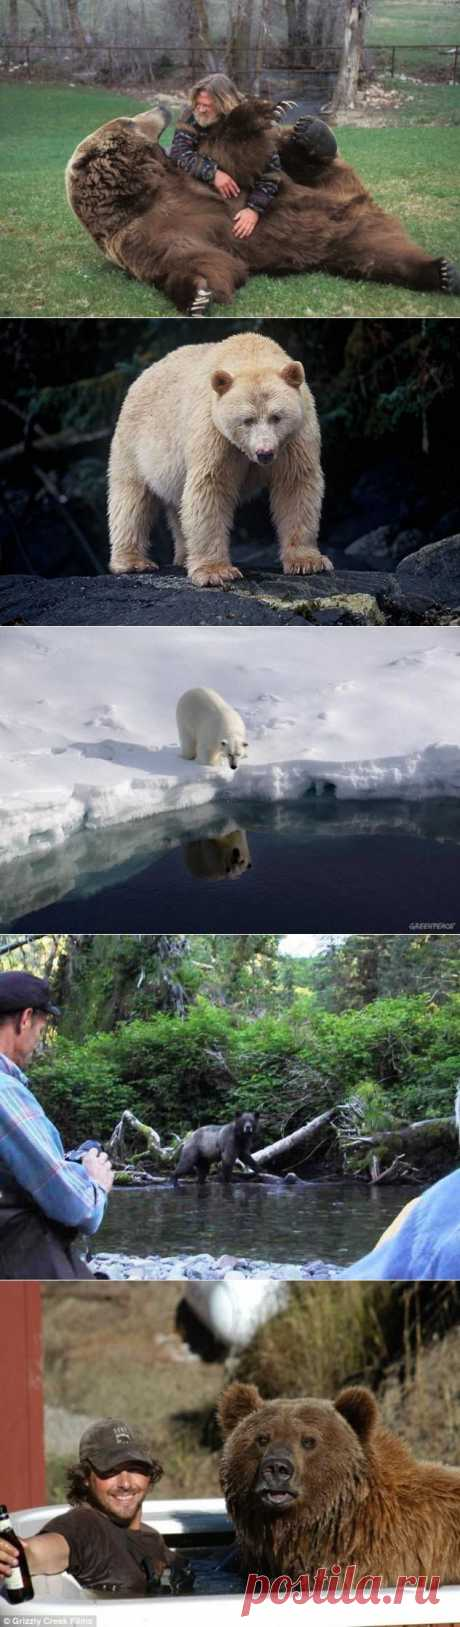 » 10 фактов о медведях Это интересно!